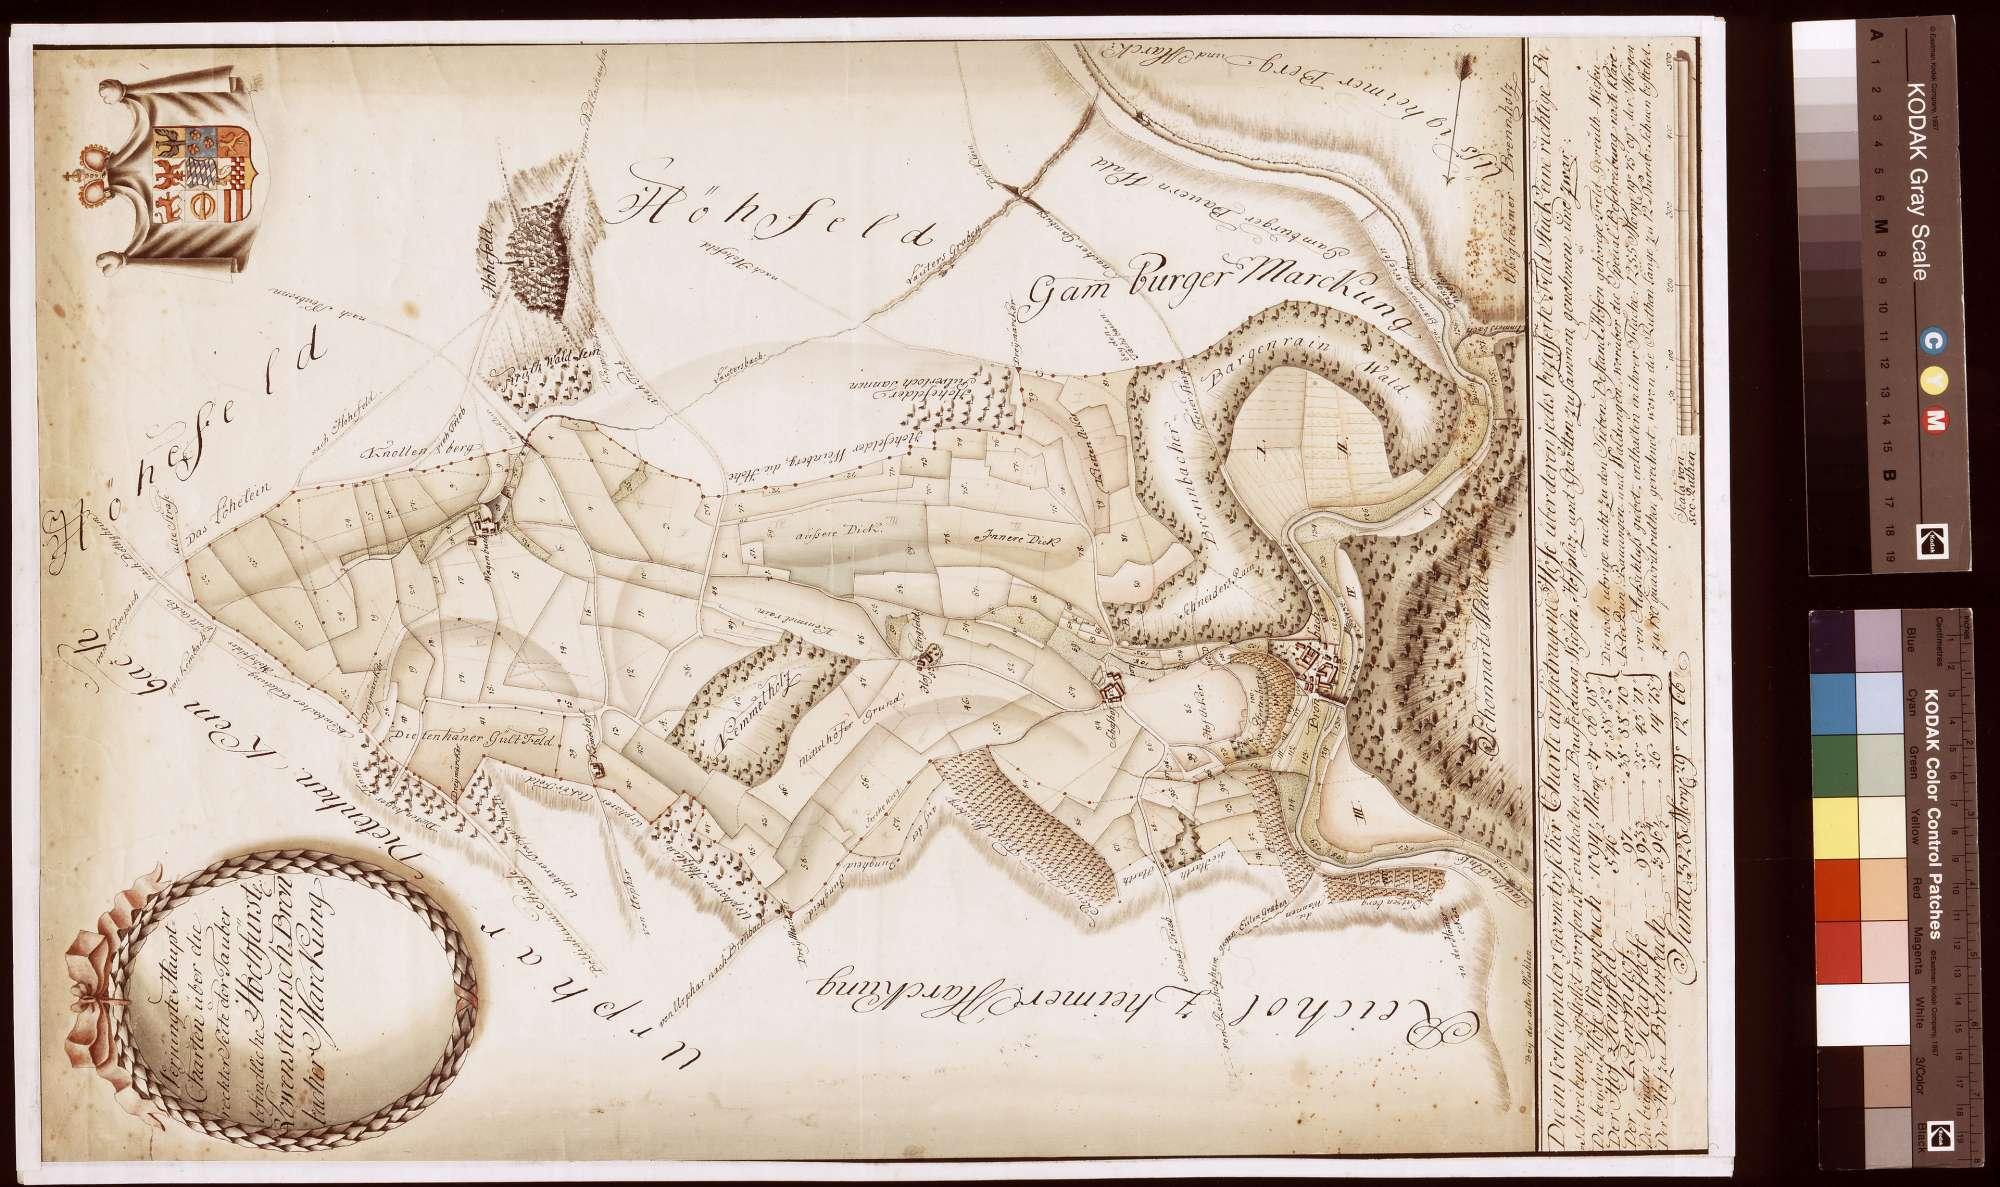 Verjüngte Hauptkarte über die rechterseits der Tauber befindliche Bronnbacher Markung (Inselkarte), Bild 1